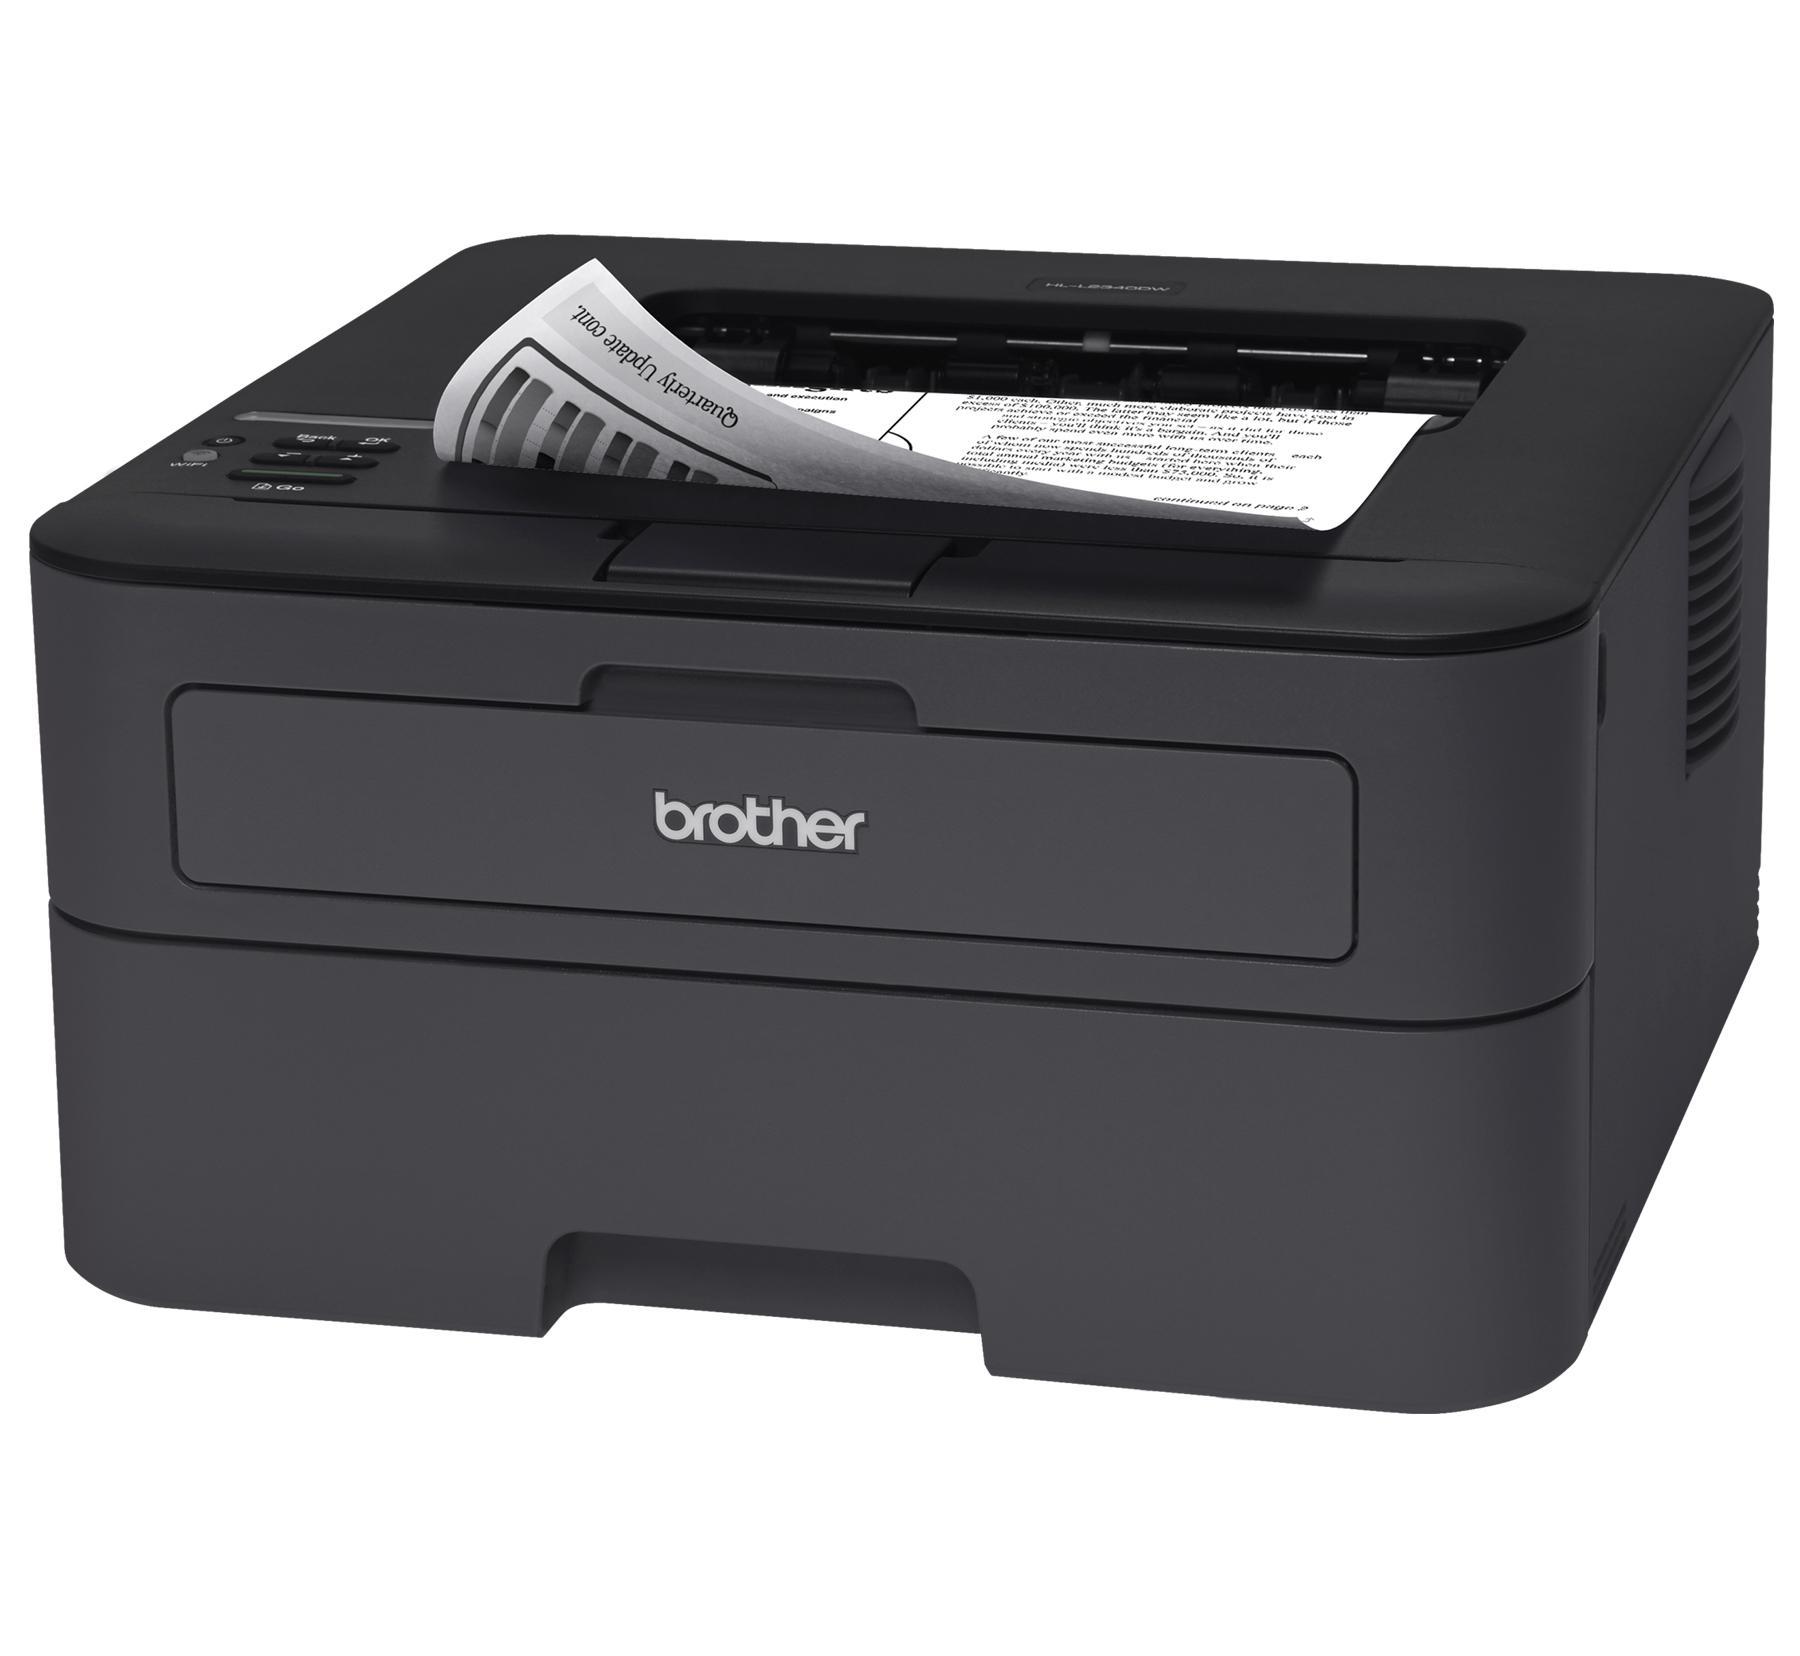 BROTHER tiskárna laserová mono HL-L2340DW - A4, 26ppm, 2400x600, 32MB, WiFi, GDI, USB 2.0